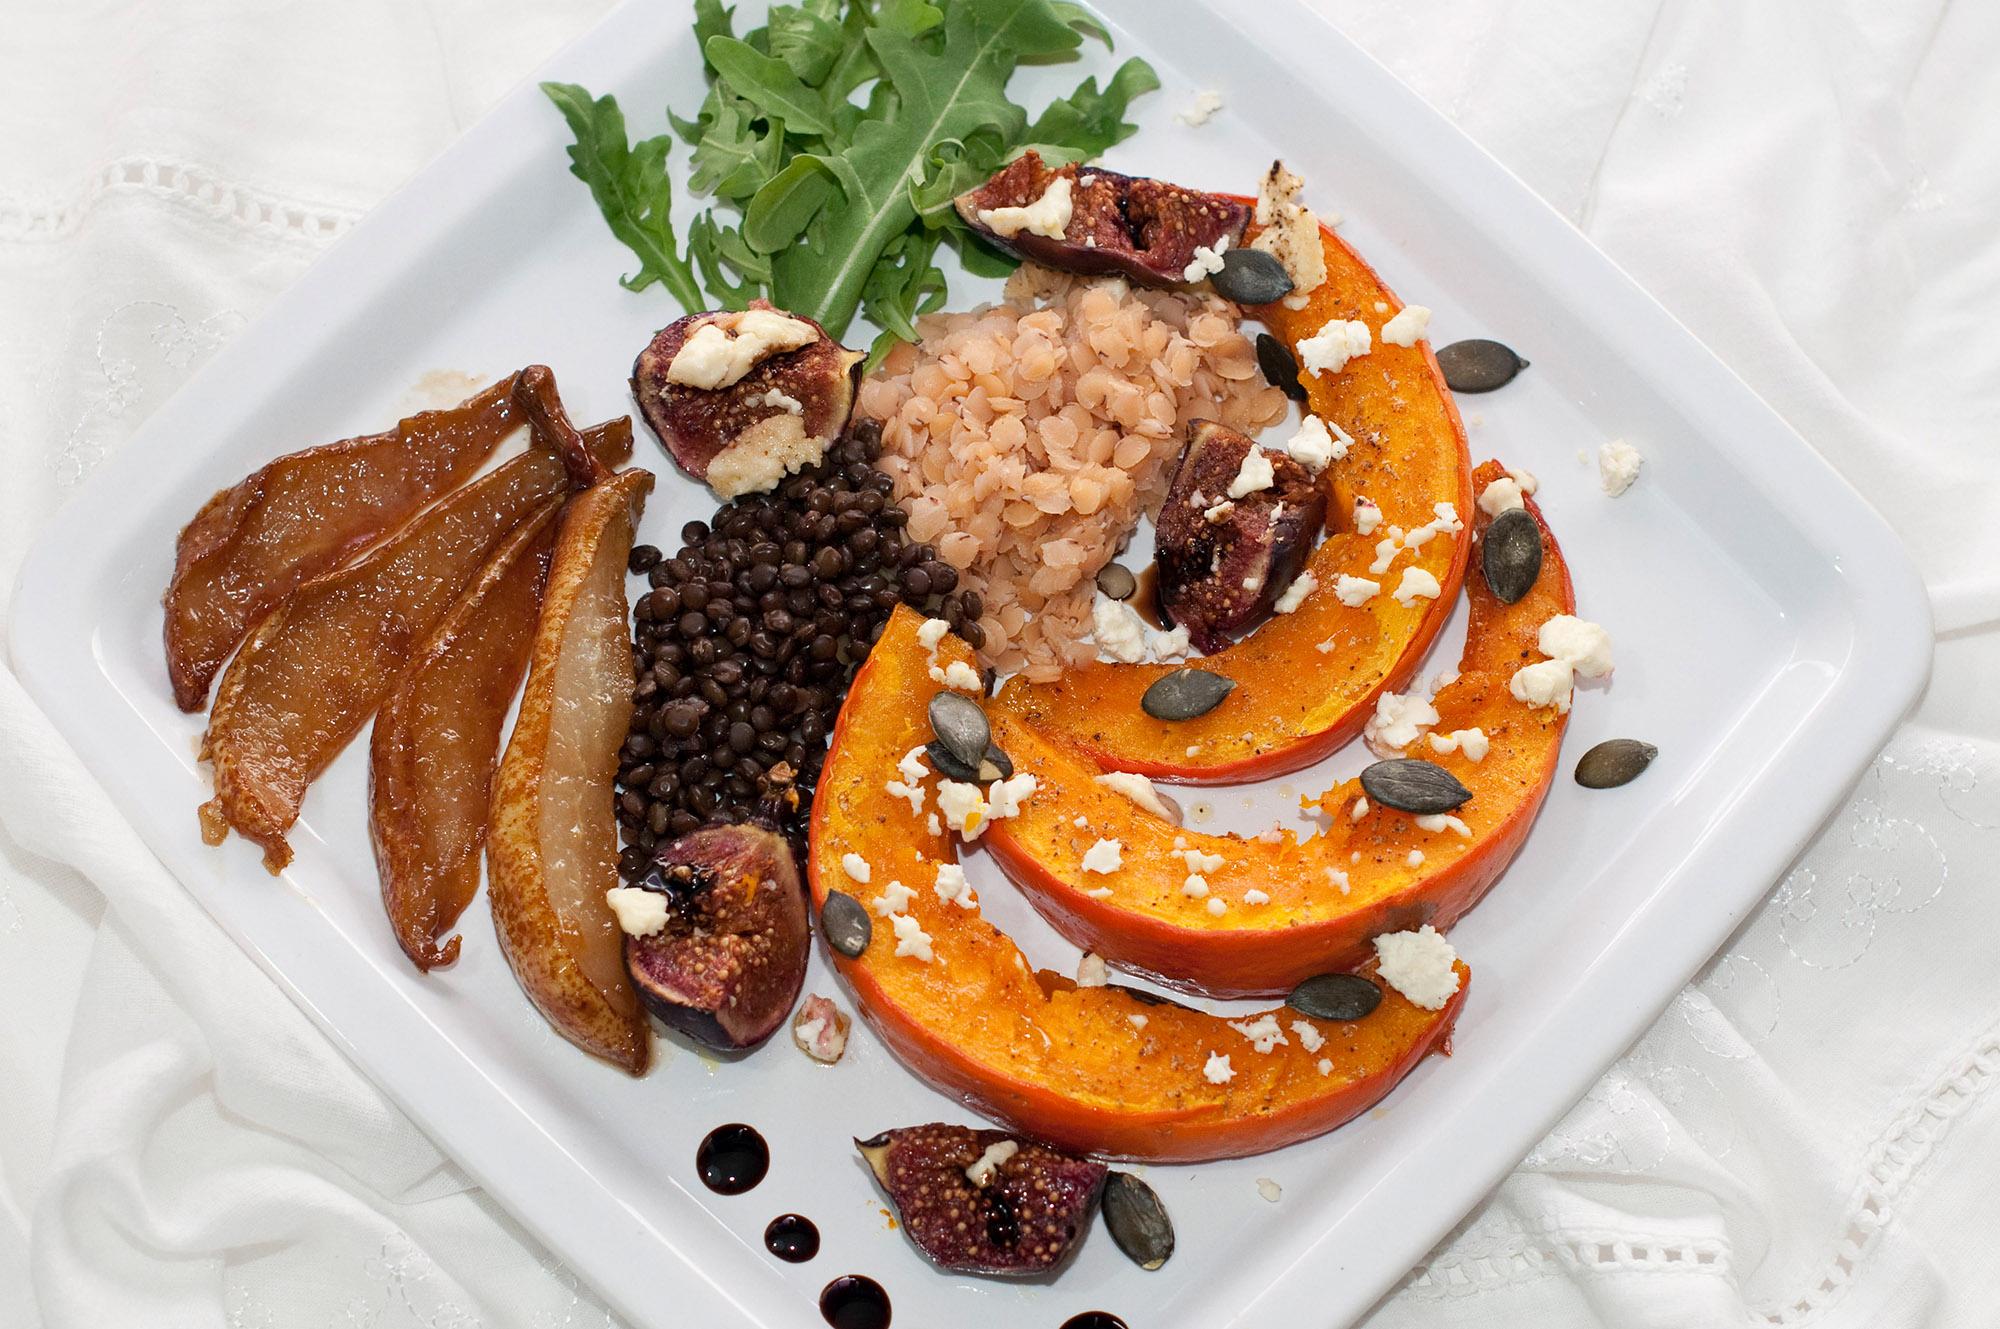 Salat-Variation aus Kürbis, Feige, Feta und Birne